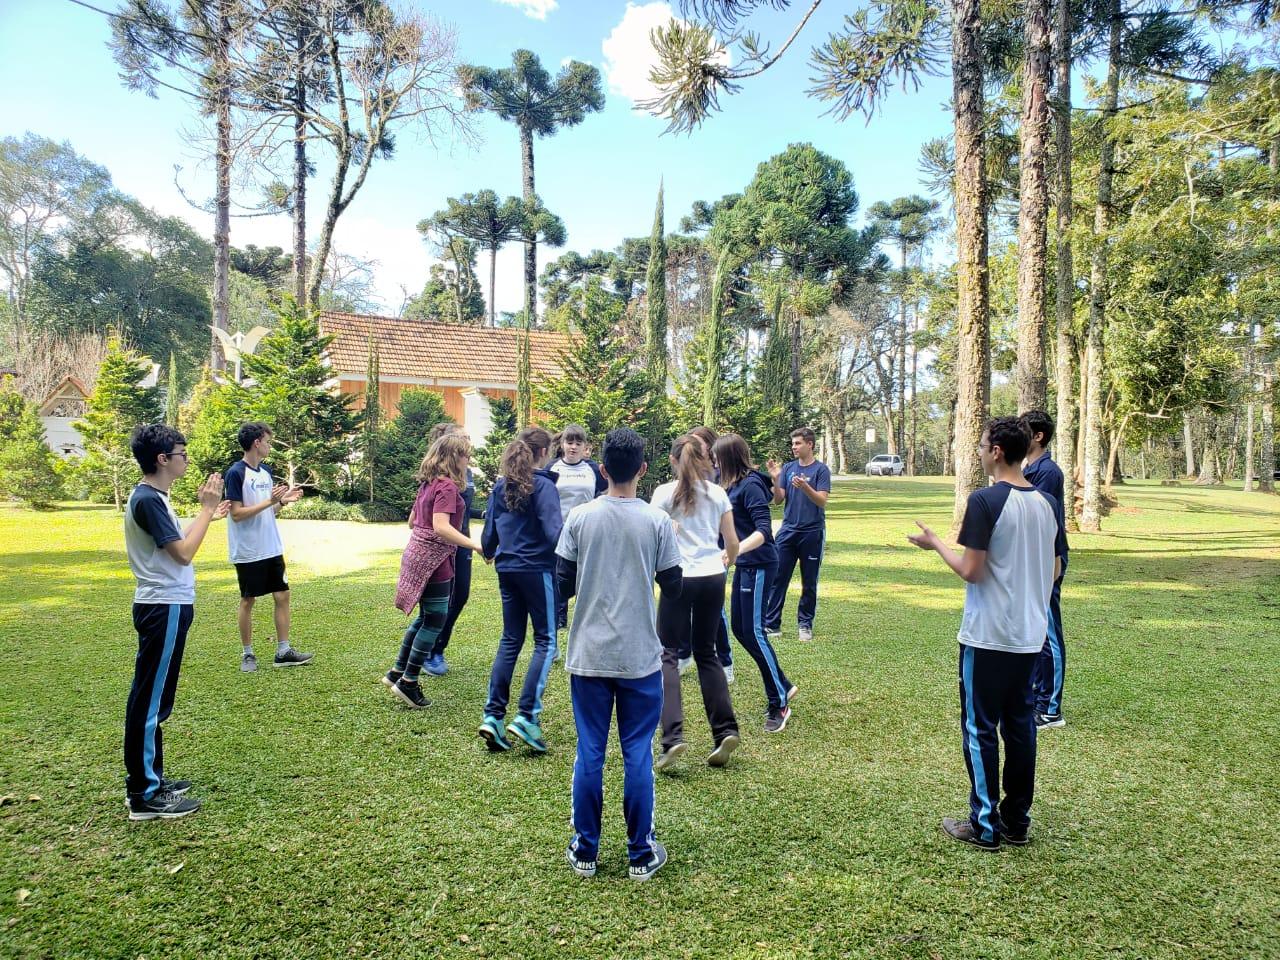 Ensaio e atividades externas grupos de dança - 01/08/2019